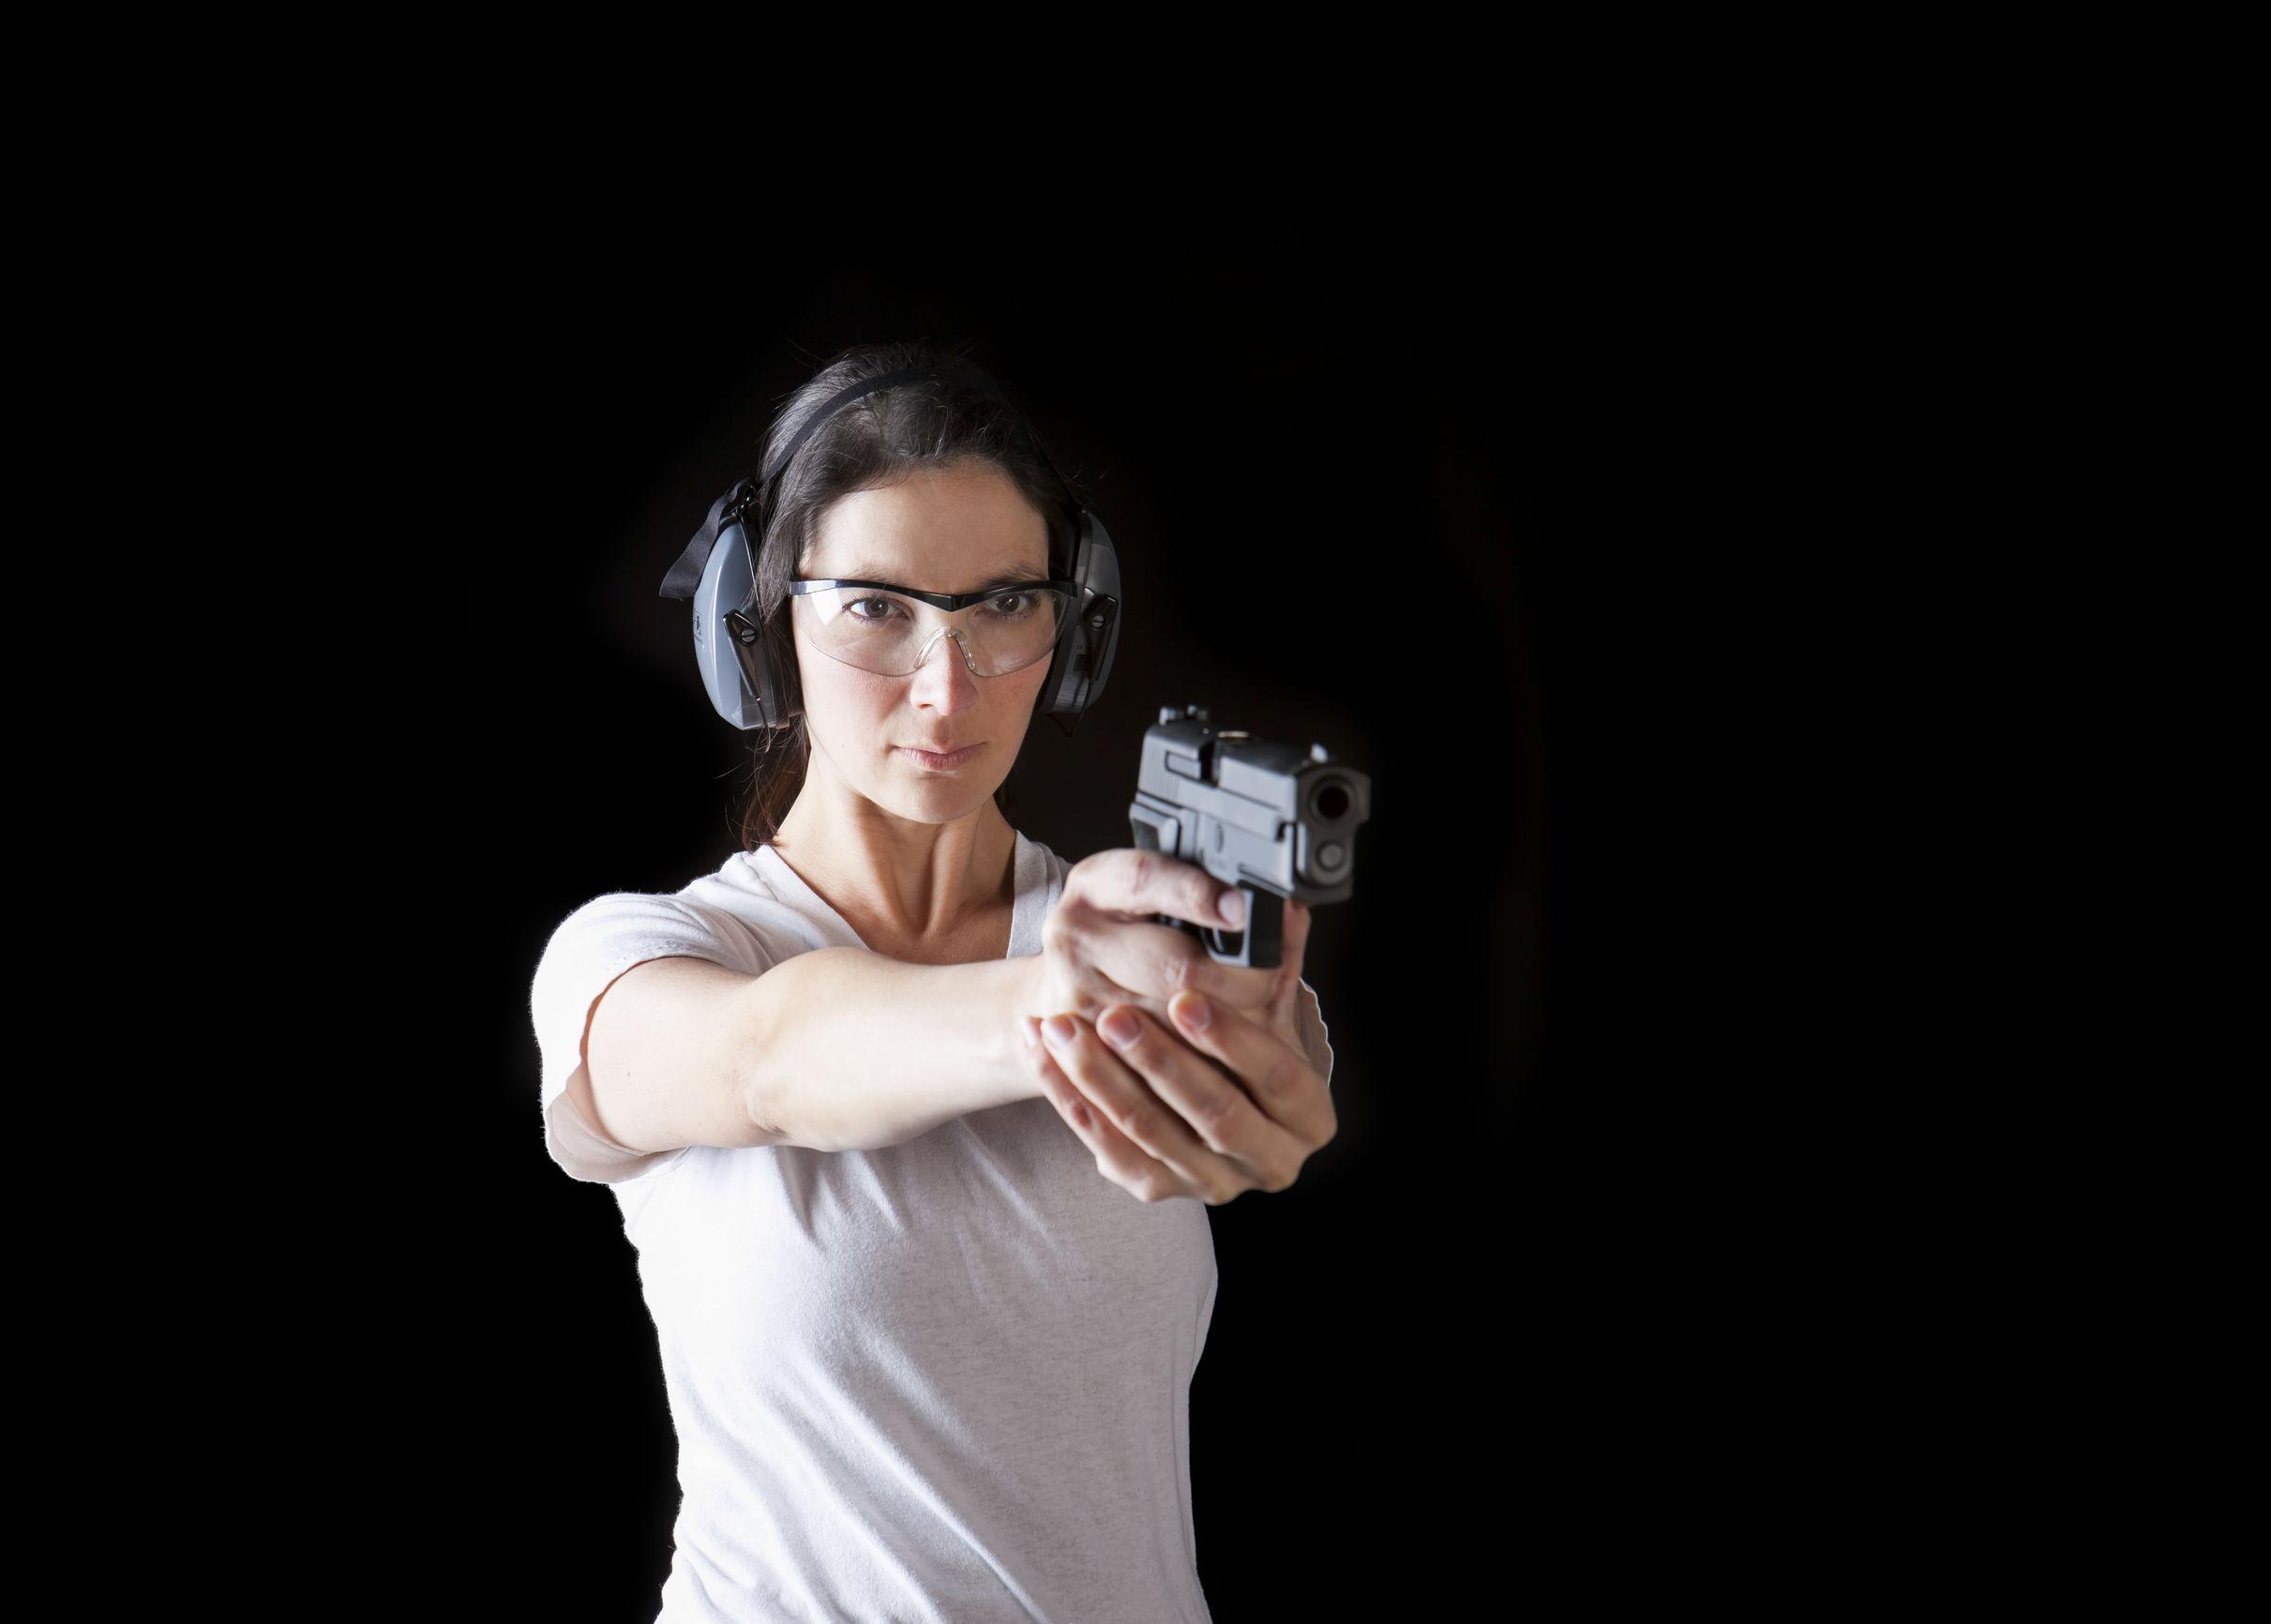 woman-firearms-class